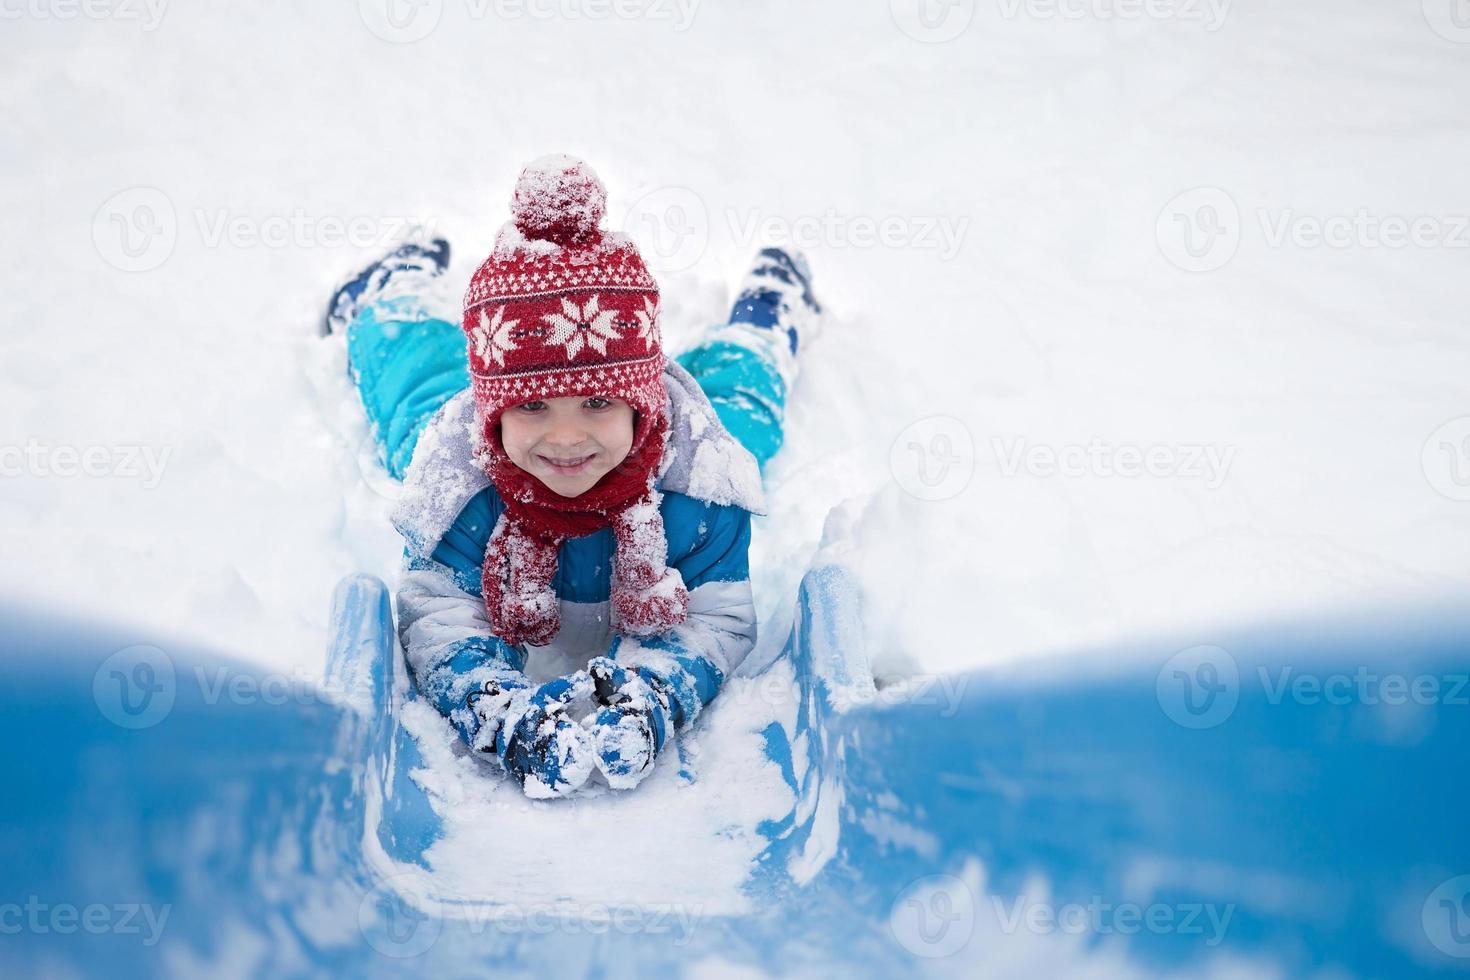 süßer kleiner Junge, der eine schneebedeckte Rutsche hinuntergeht foto